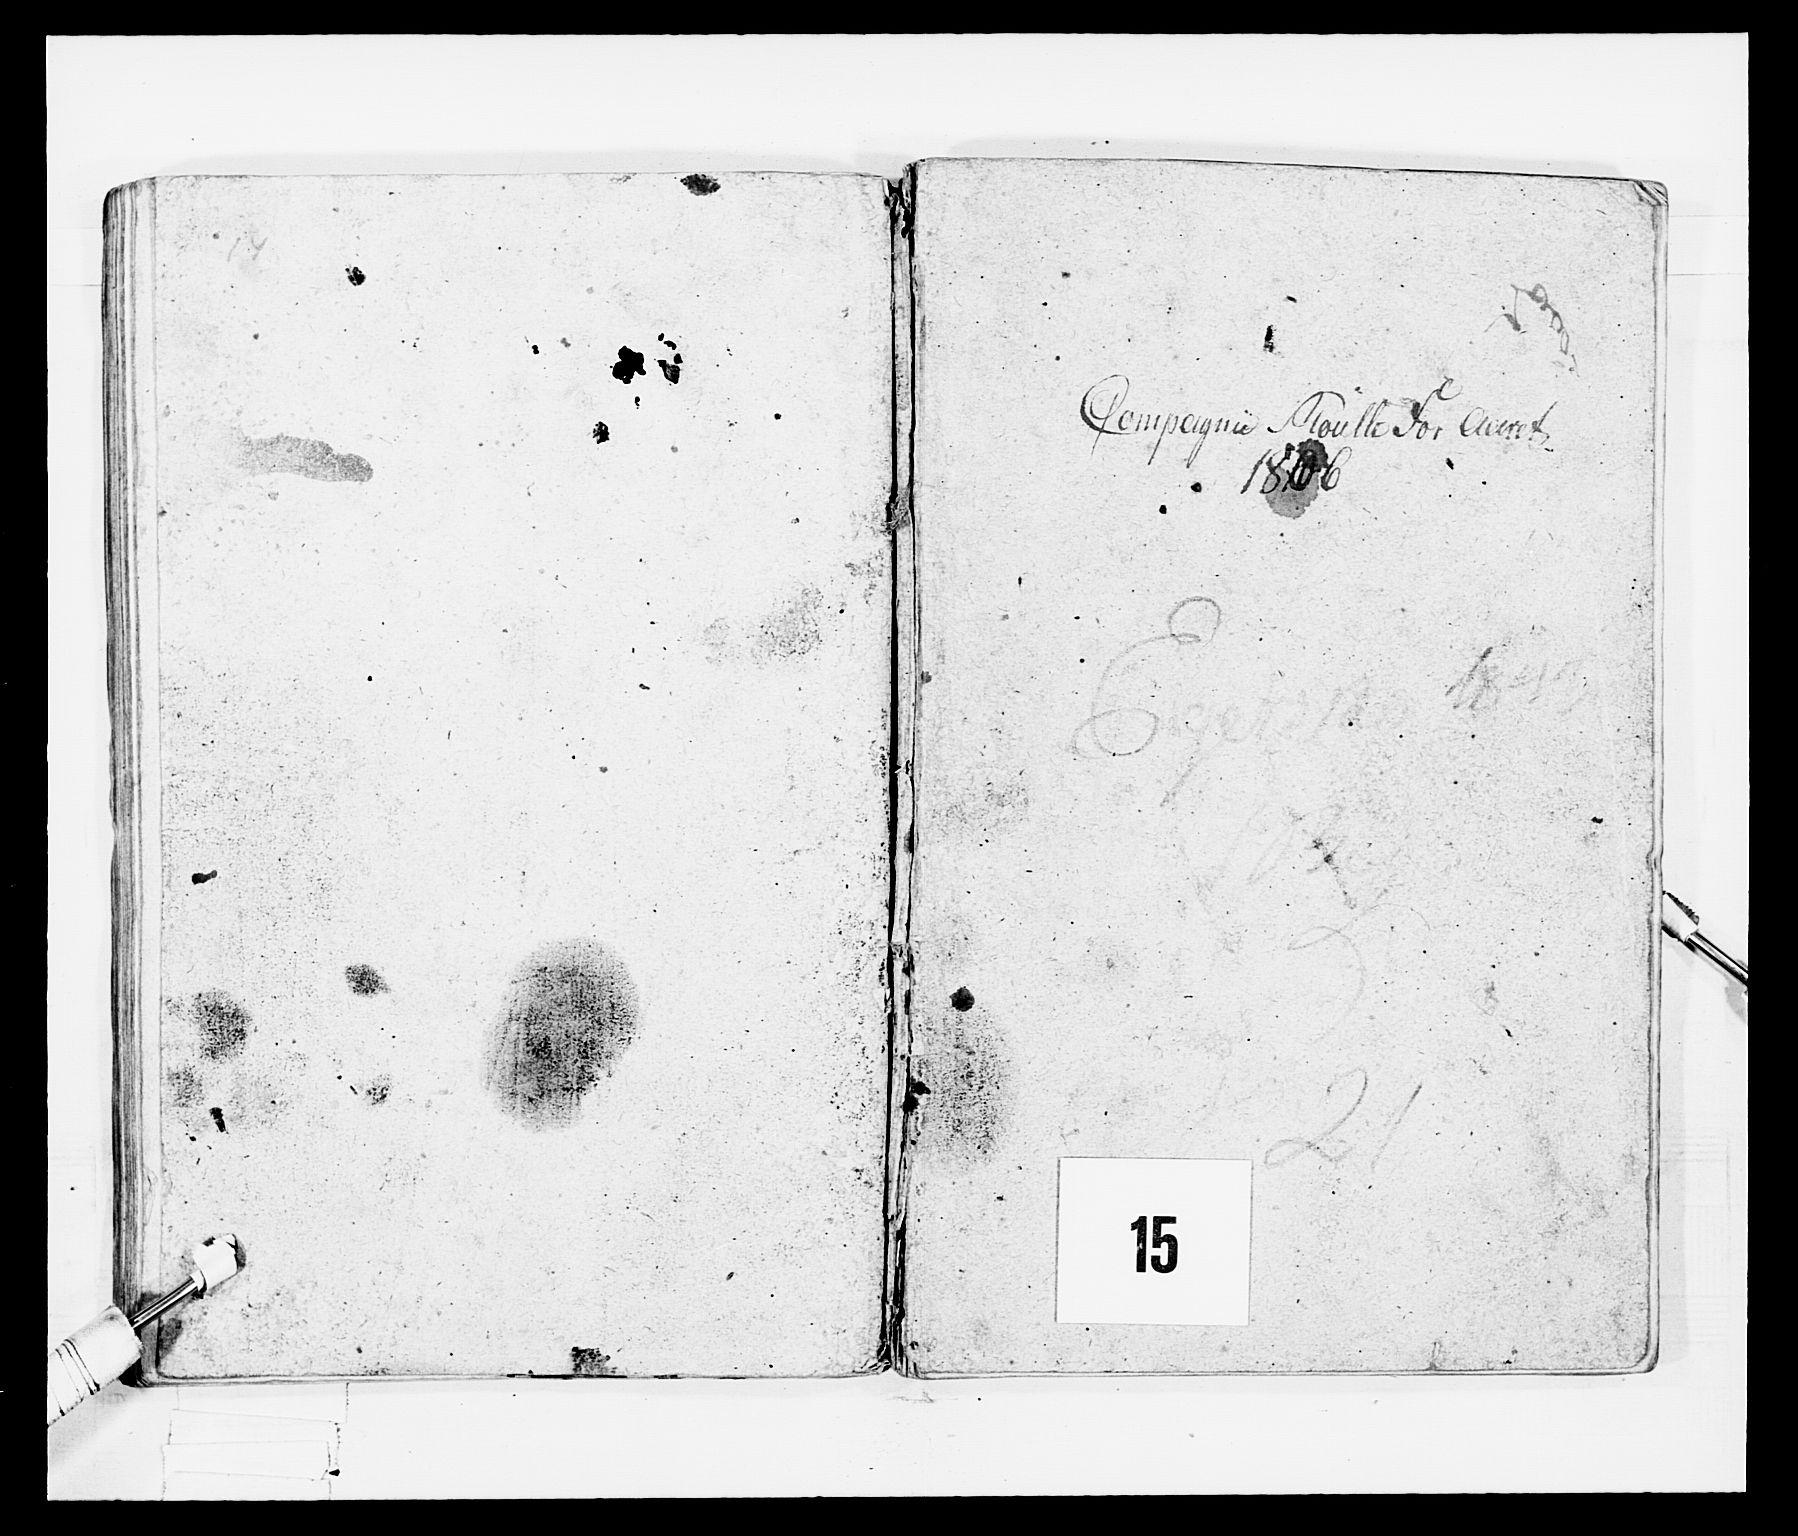 RA, Generalitets- og kommissariatskollegiet, Det kongelige norske kommissariatskollegium, E/Eh/L0047: 2. Akershusiske nasjonale infanteriregiment, 1791-1810, s. 355